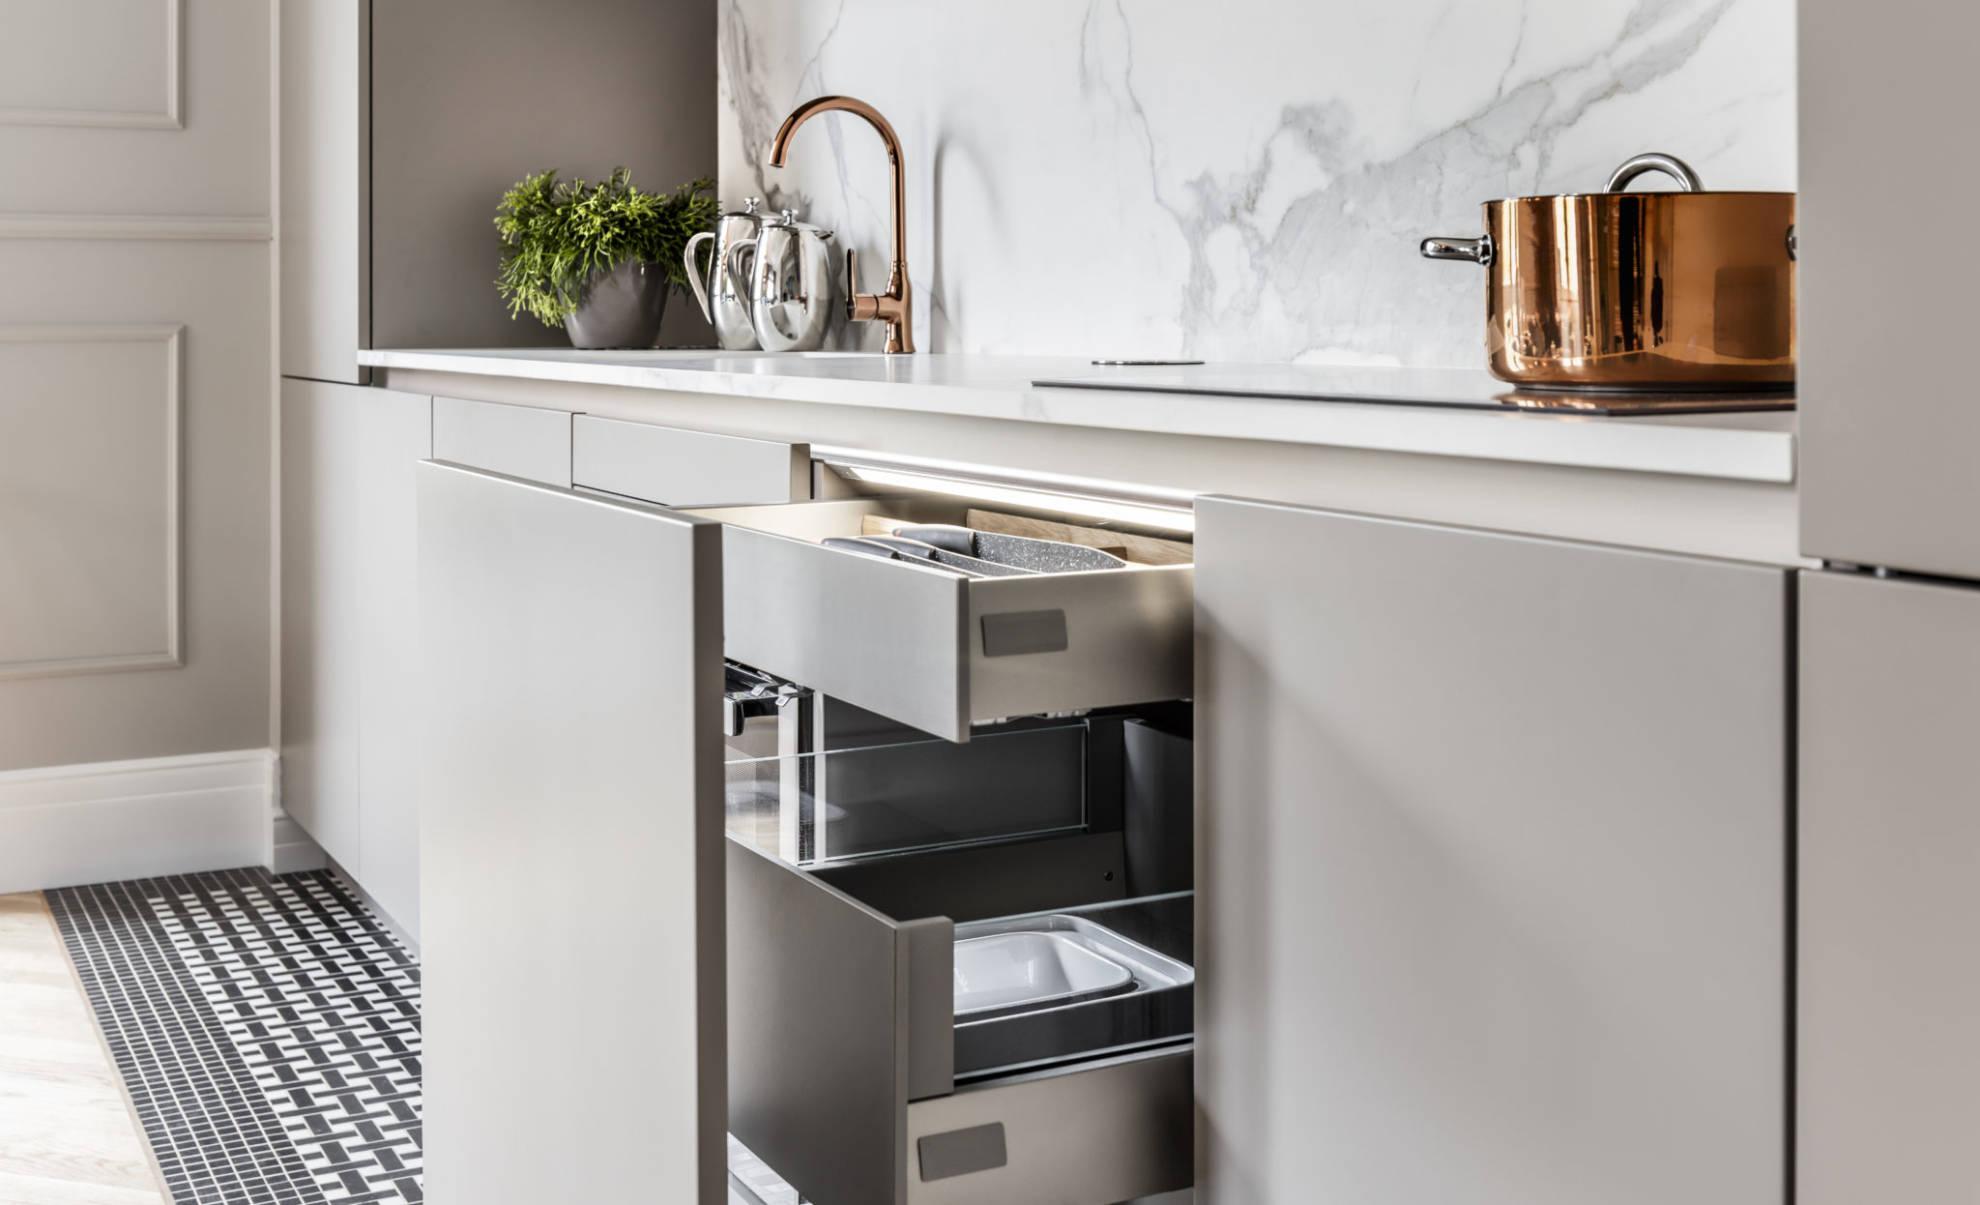 Meble kuchenne realizacja SAS Wnętrza i Kuchnie, projekt architekt wnętrz Emilia Strzempek Plasun